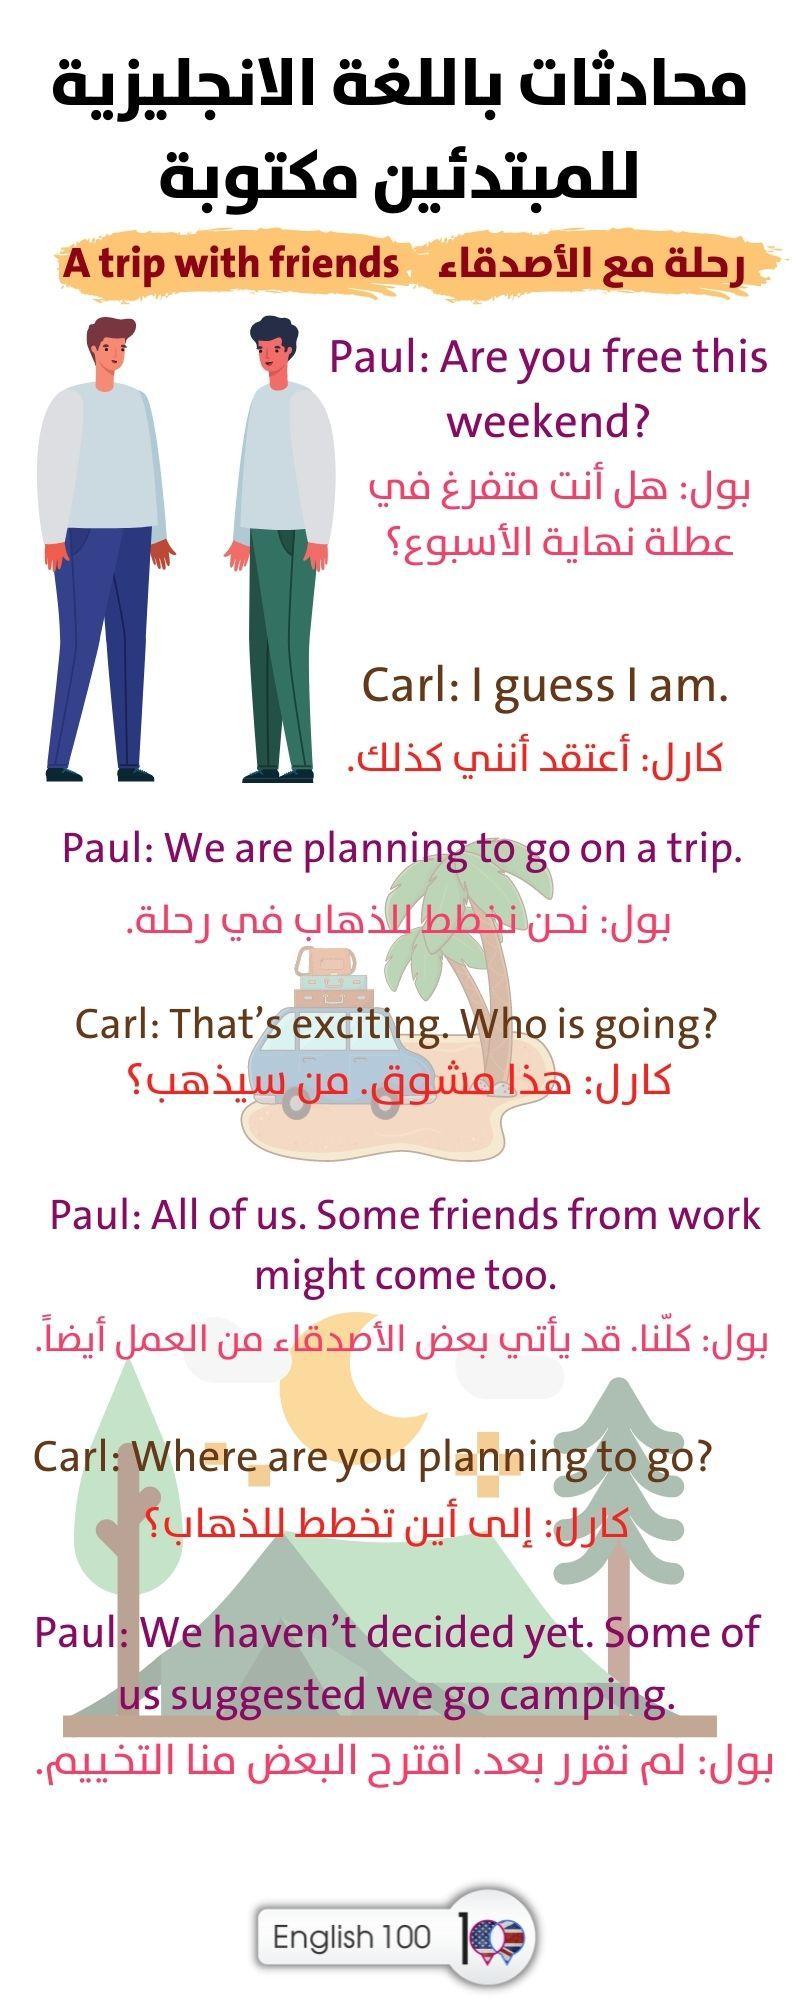 محادثات باللغة الانجليزية للمبتدئين مكتوبة Written English conversations for Beginners